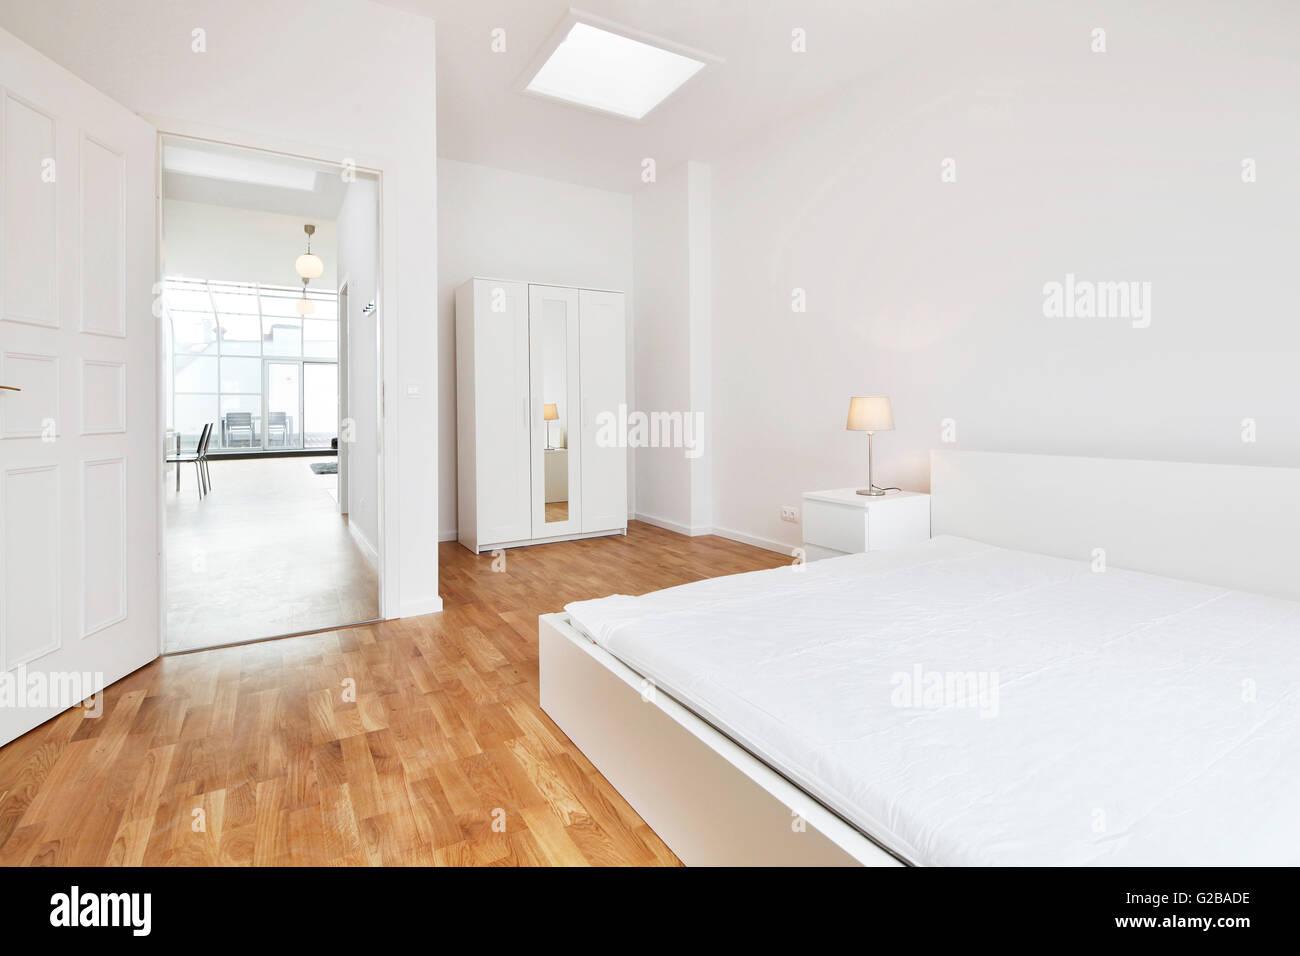 Welcher Fußboden Im Dachboden ~ Umwandlung von dach oder dachboden in der reichenberger straße in